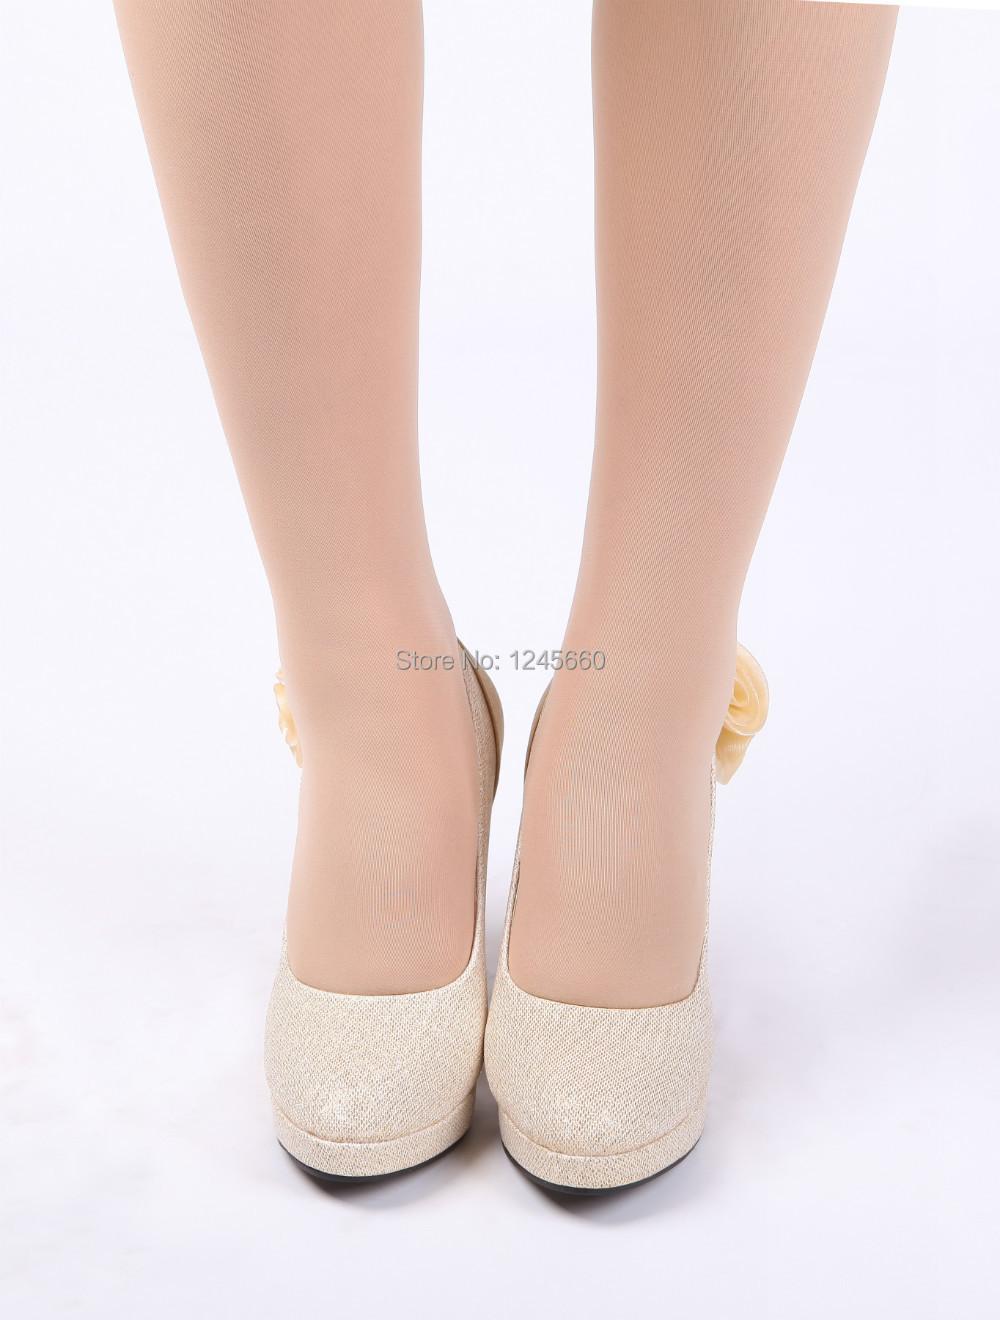 Best Heels For Women